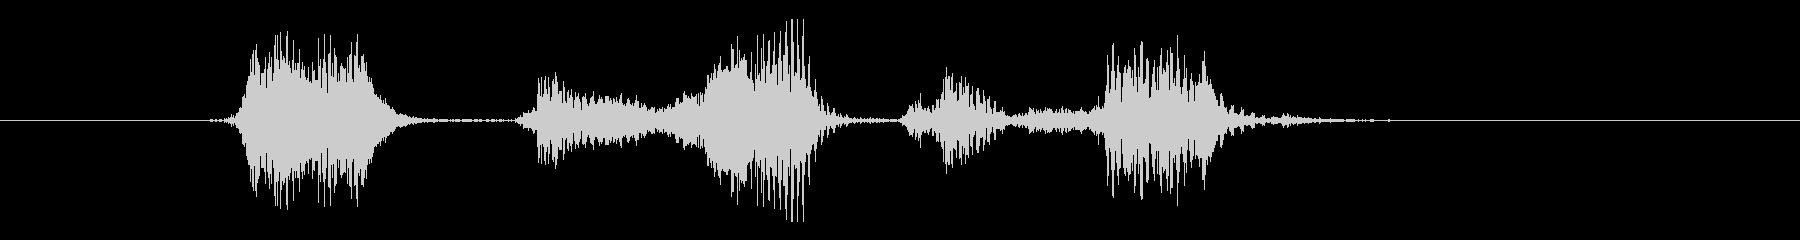 コンピューター、男性の声:計算しないの未再生の波形